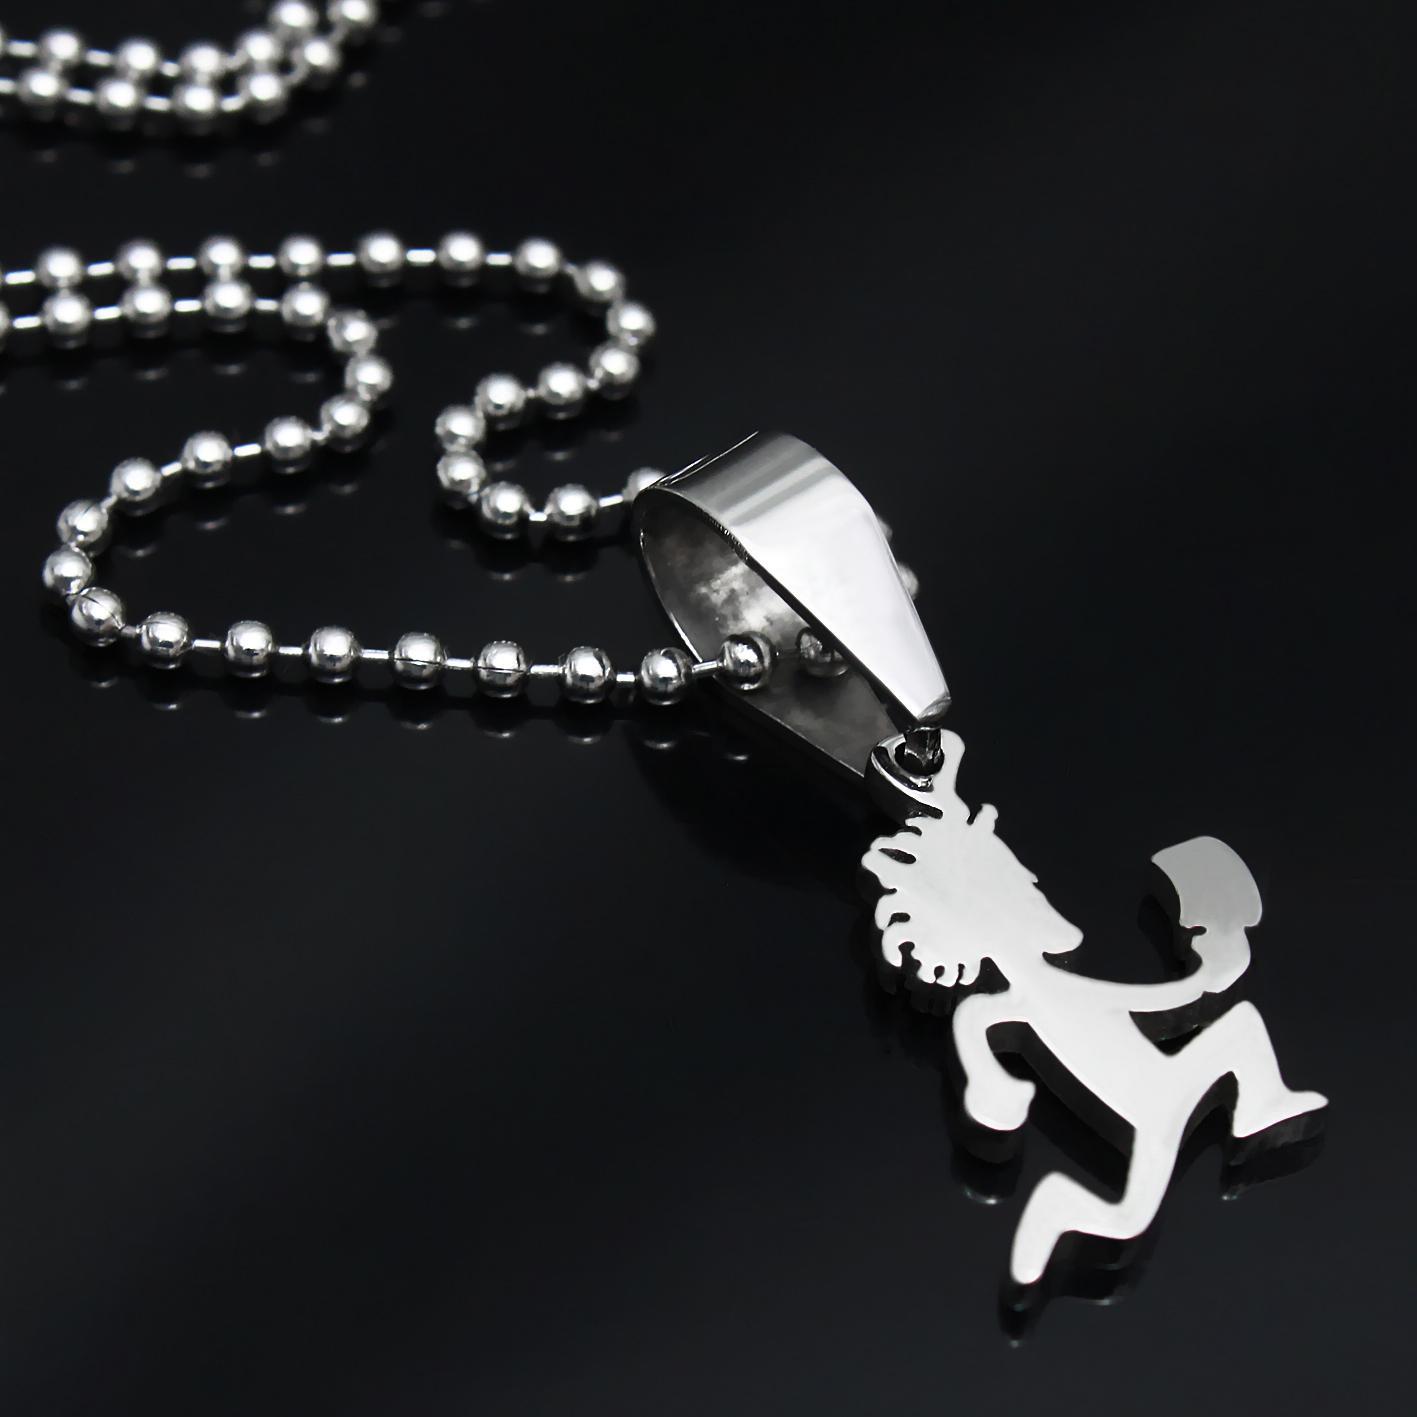 توصيل مجاني! صغيرة 1 '' 316L المجوهرات الصف الفولاذ المقاوم للصدأ MINI سحر hatchetman قلادة سلسلة مجانا مجنون مهرج المجوهرات بوسي Twiztid